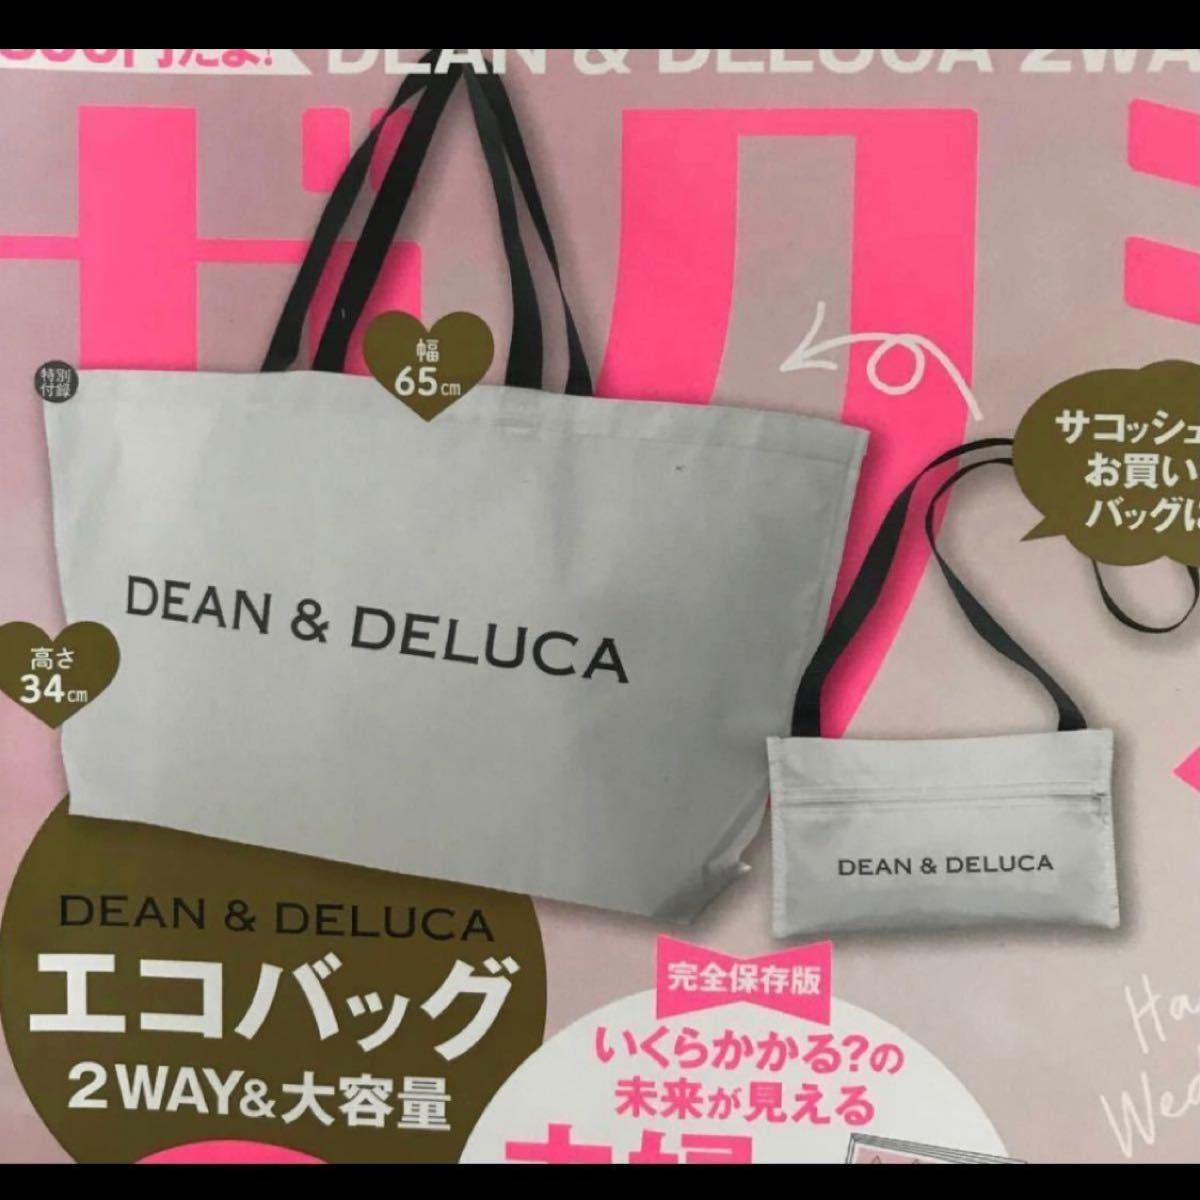 【新品未開封】DEAN & DELUCA 2WAY エコバッグ サコッシュ